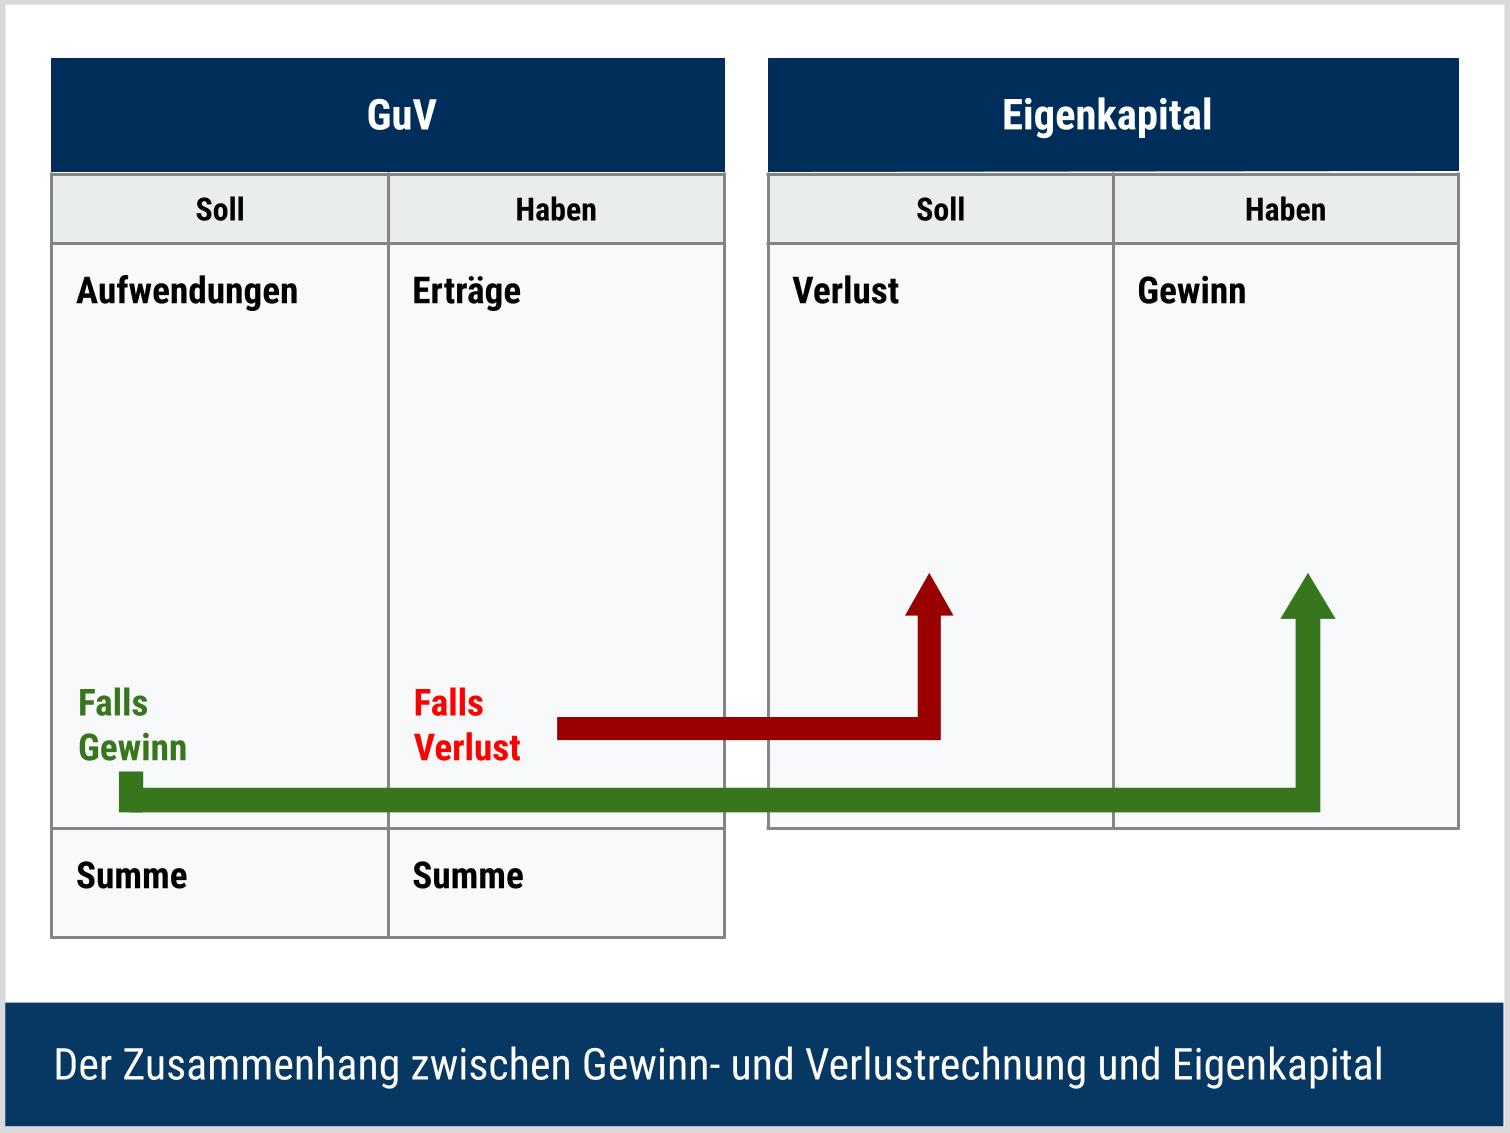 Zusammenhang zwischen GuV und Eigenkapital